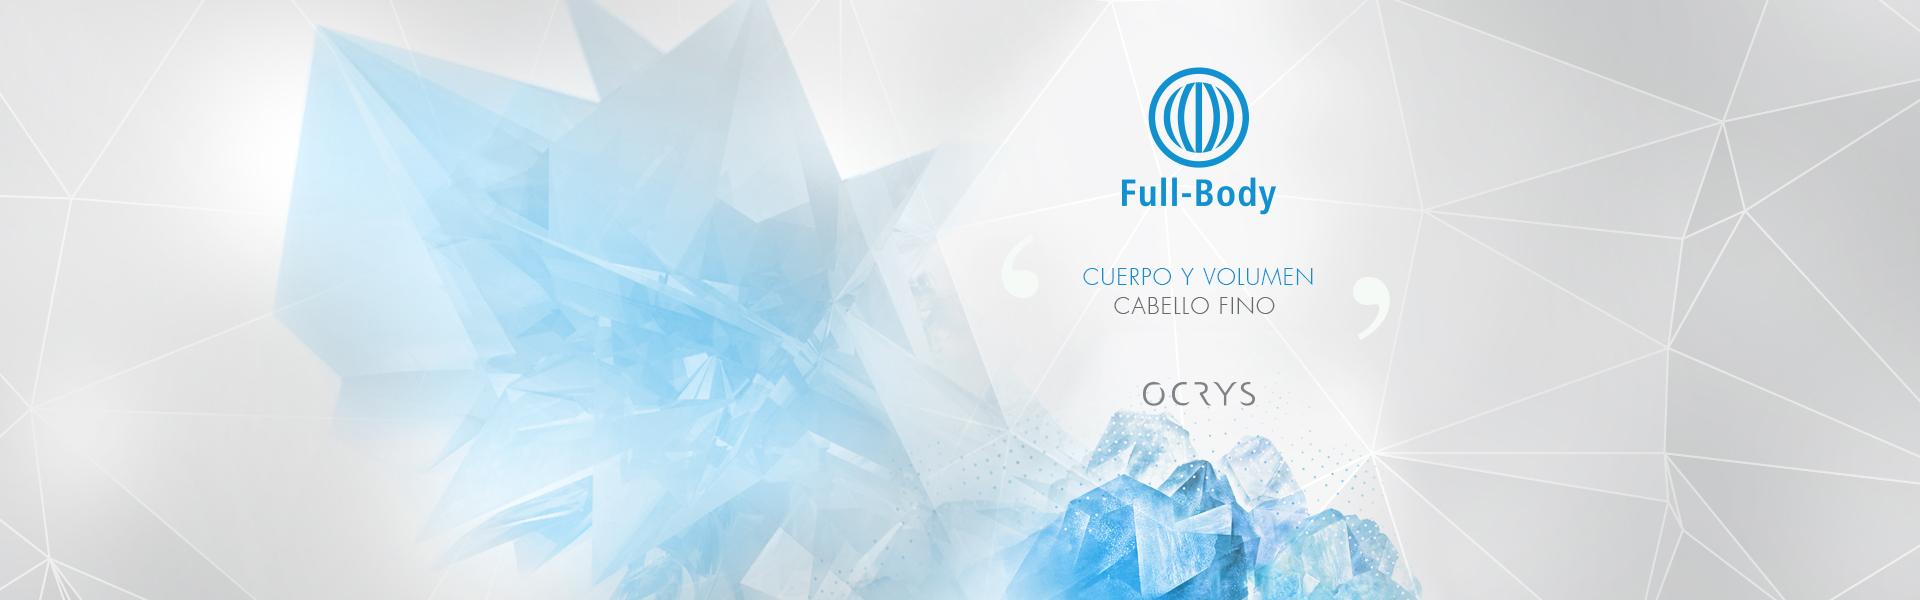 banner_centrali_FULL-BODY_ES